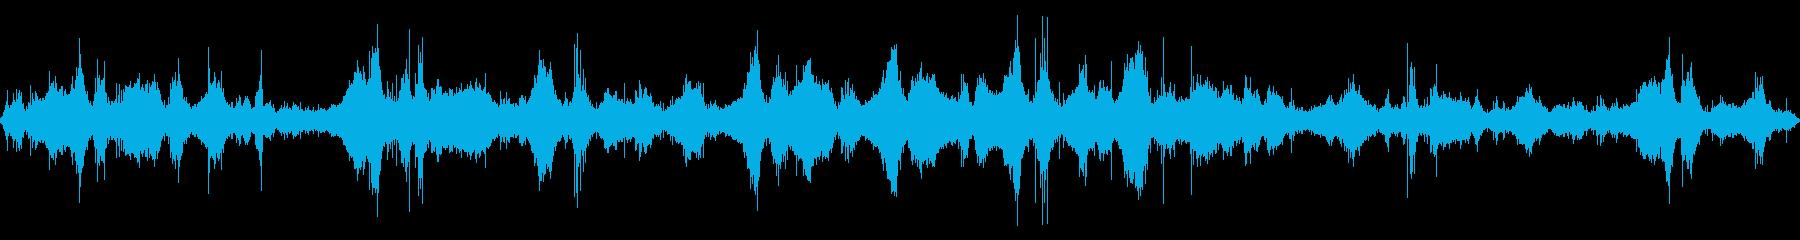 大浜海岸の波の音 7 【徳島】の再生済みの波形